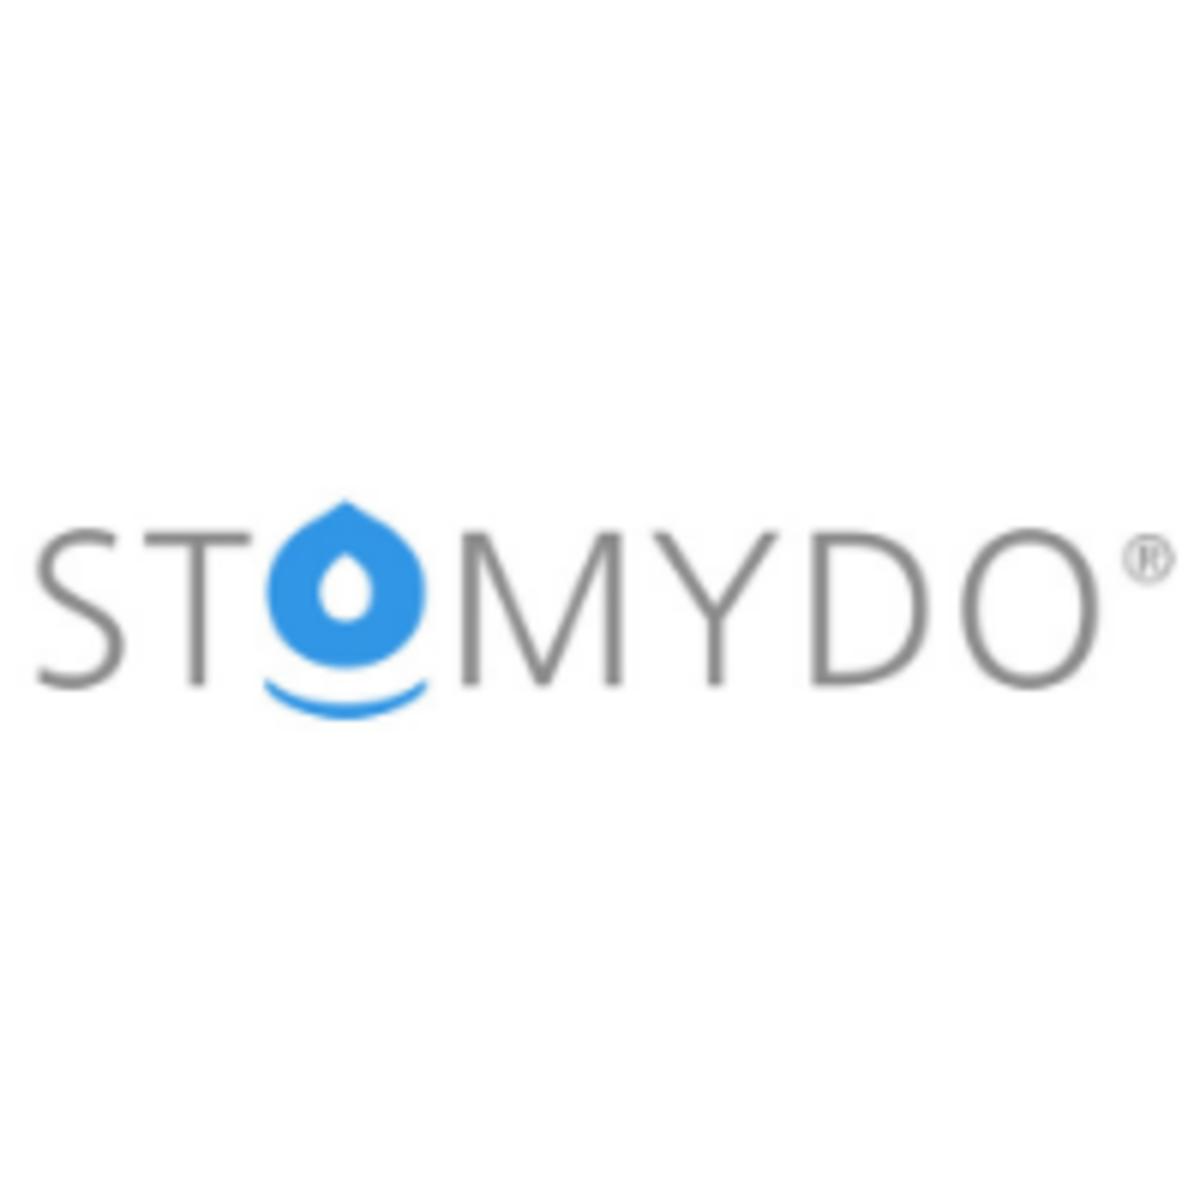 Stomydo logo